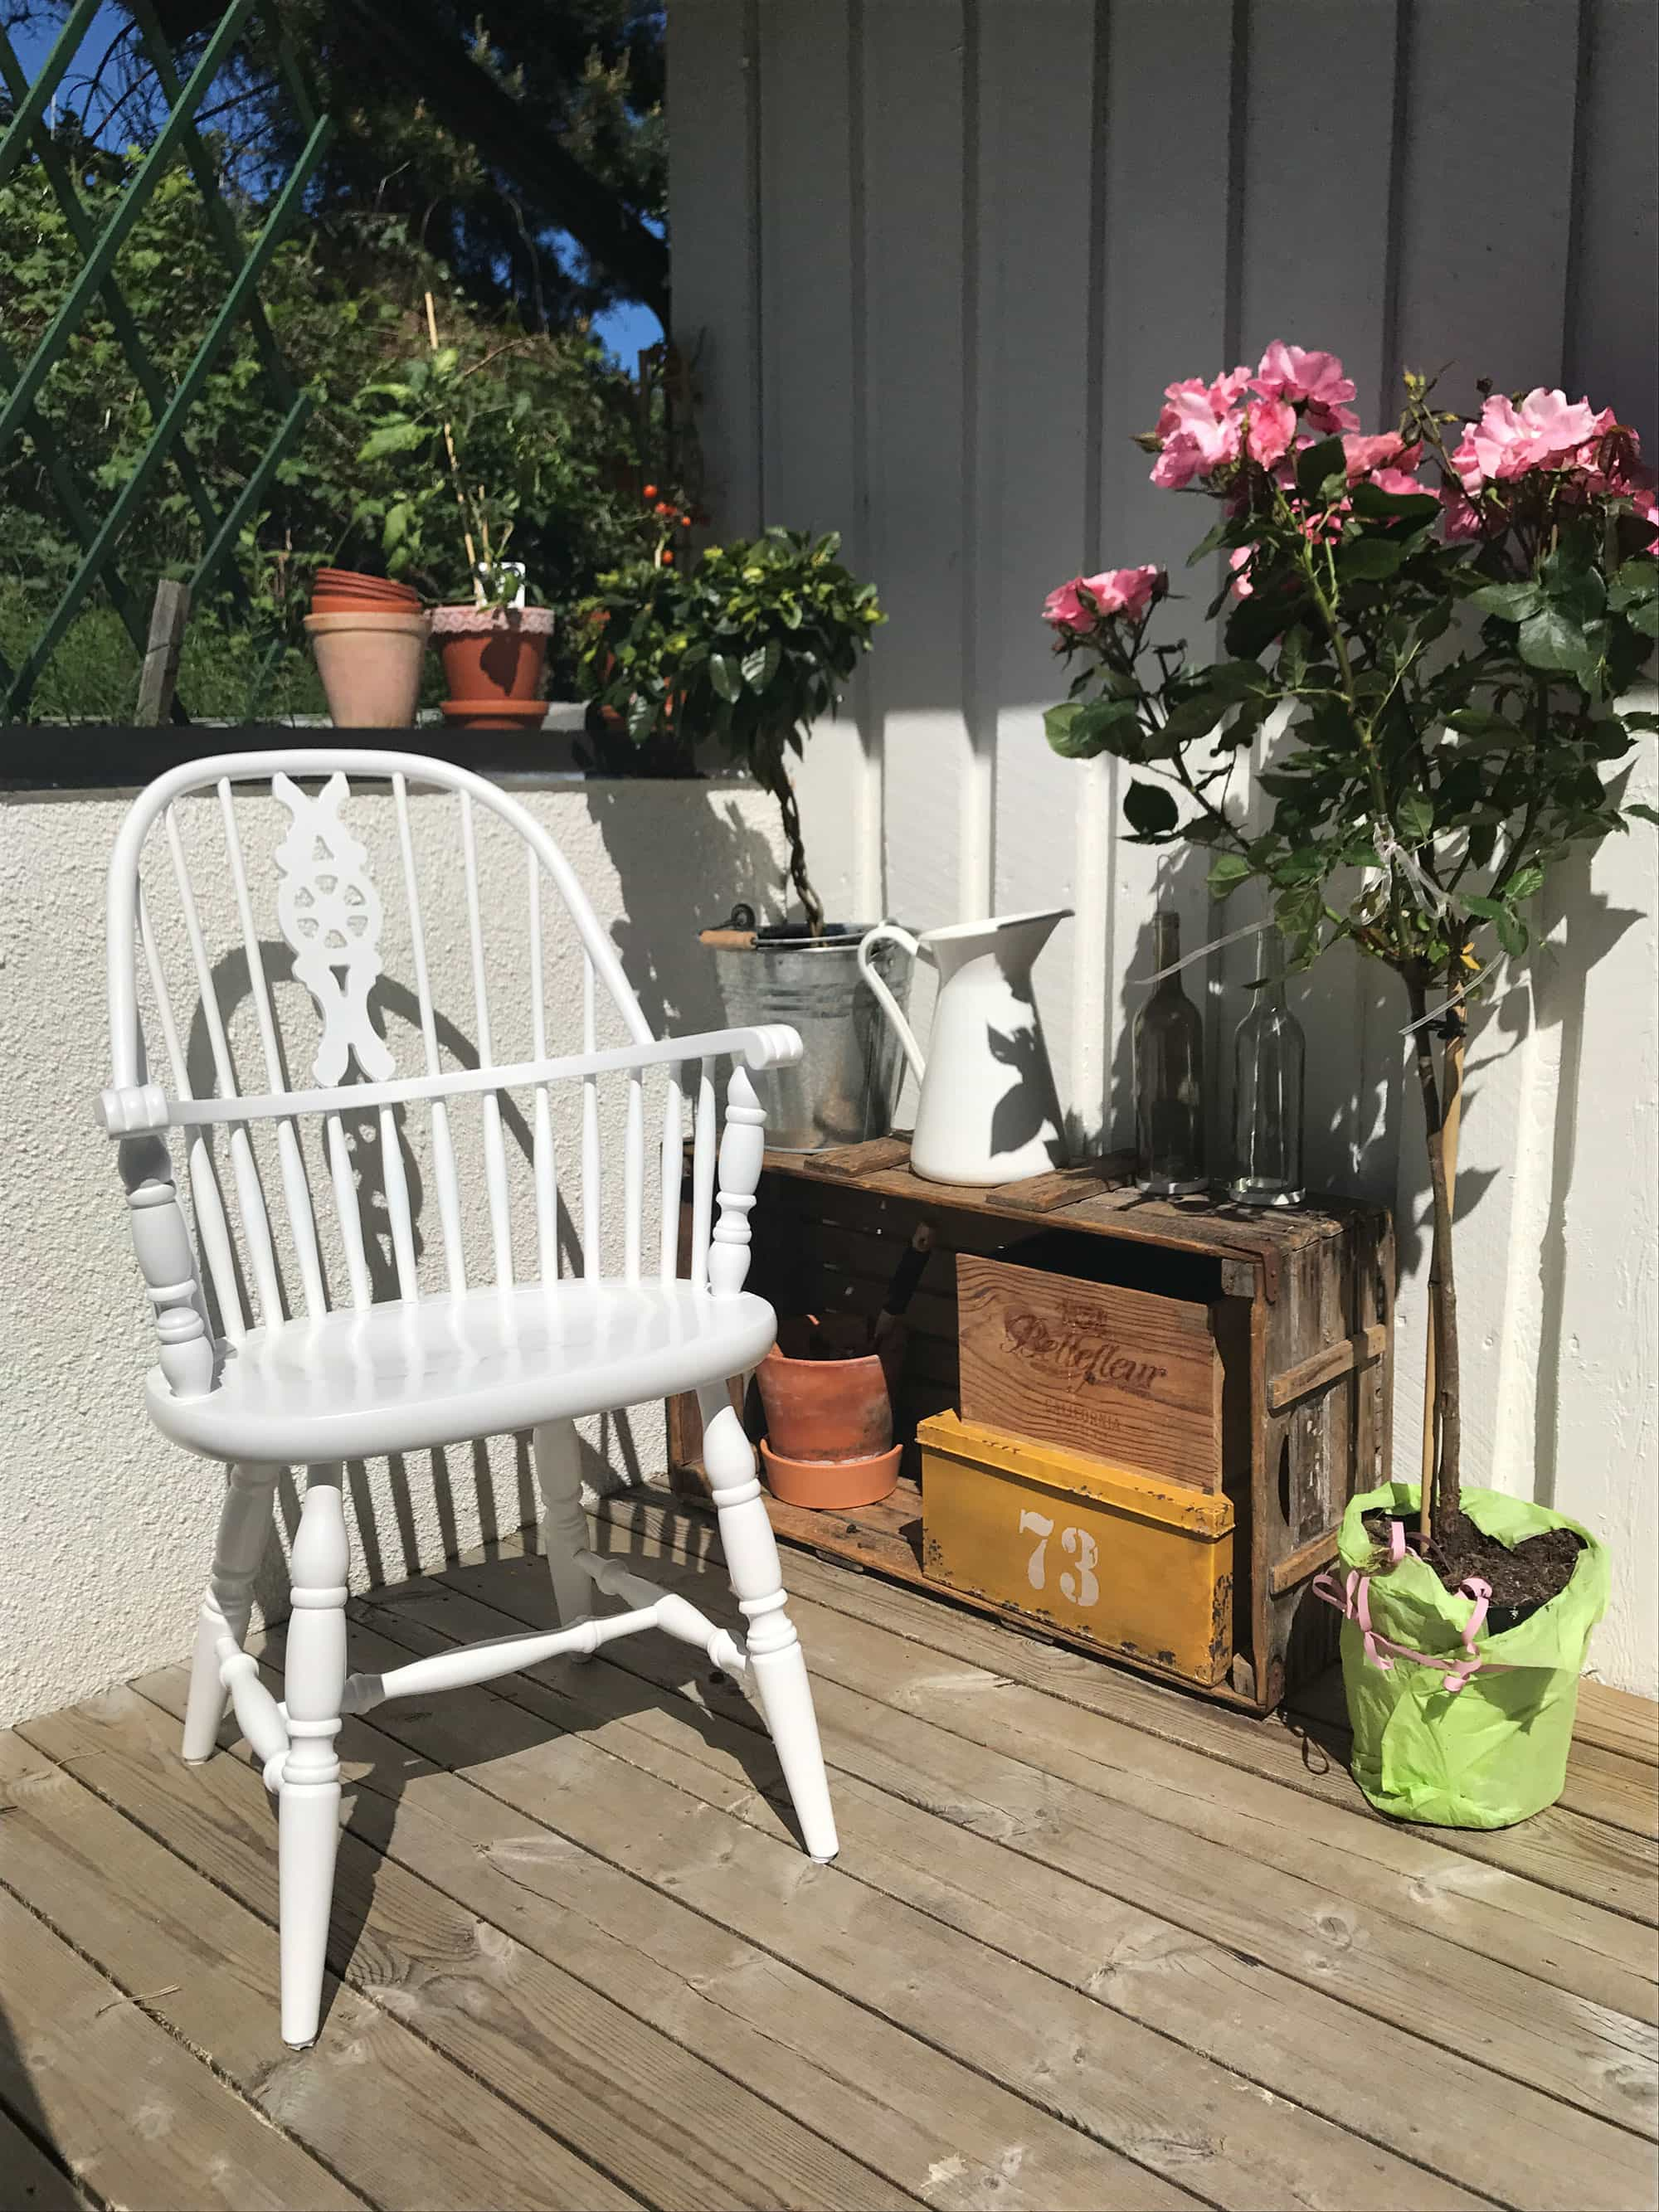 Windsor stol, vit pinnstol med hög rygg.